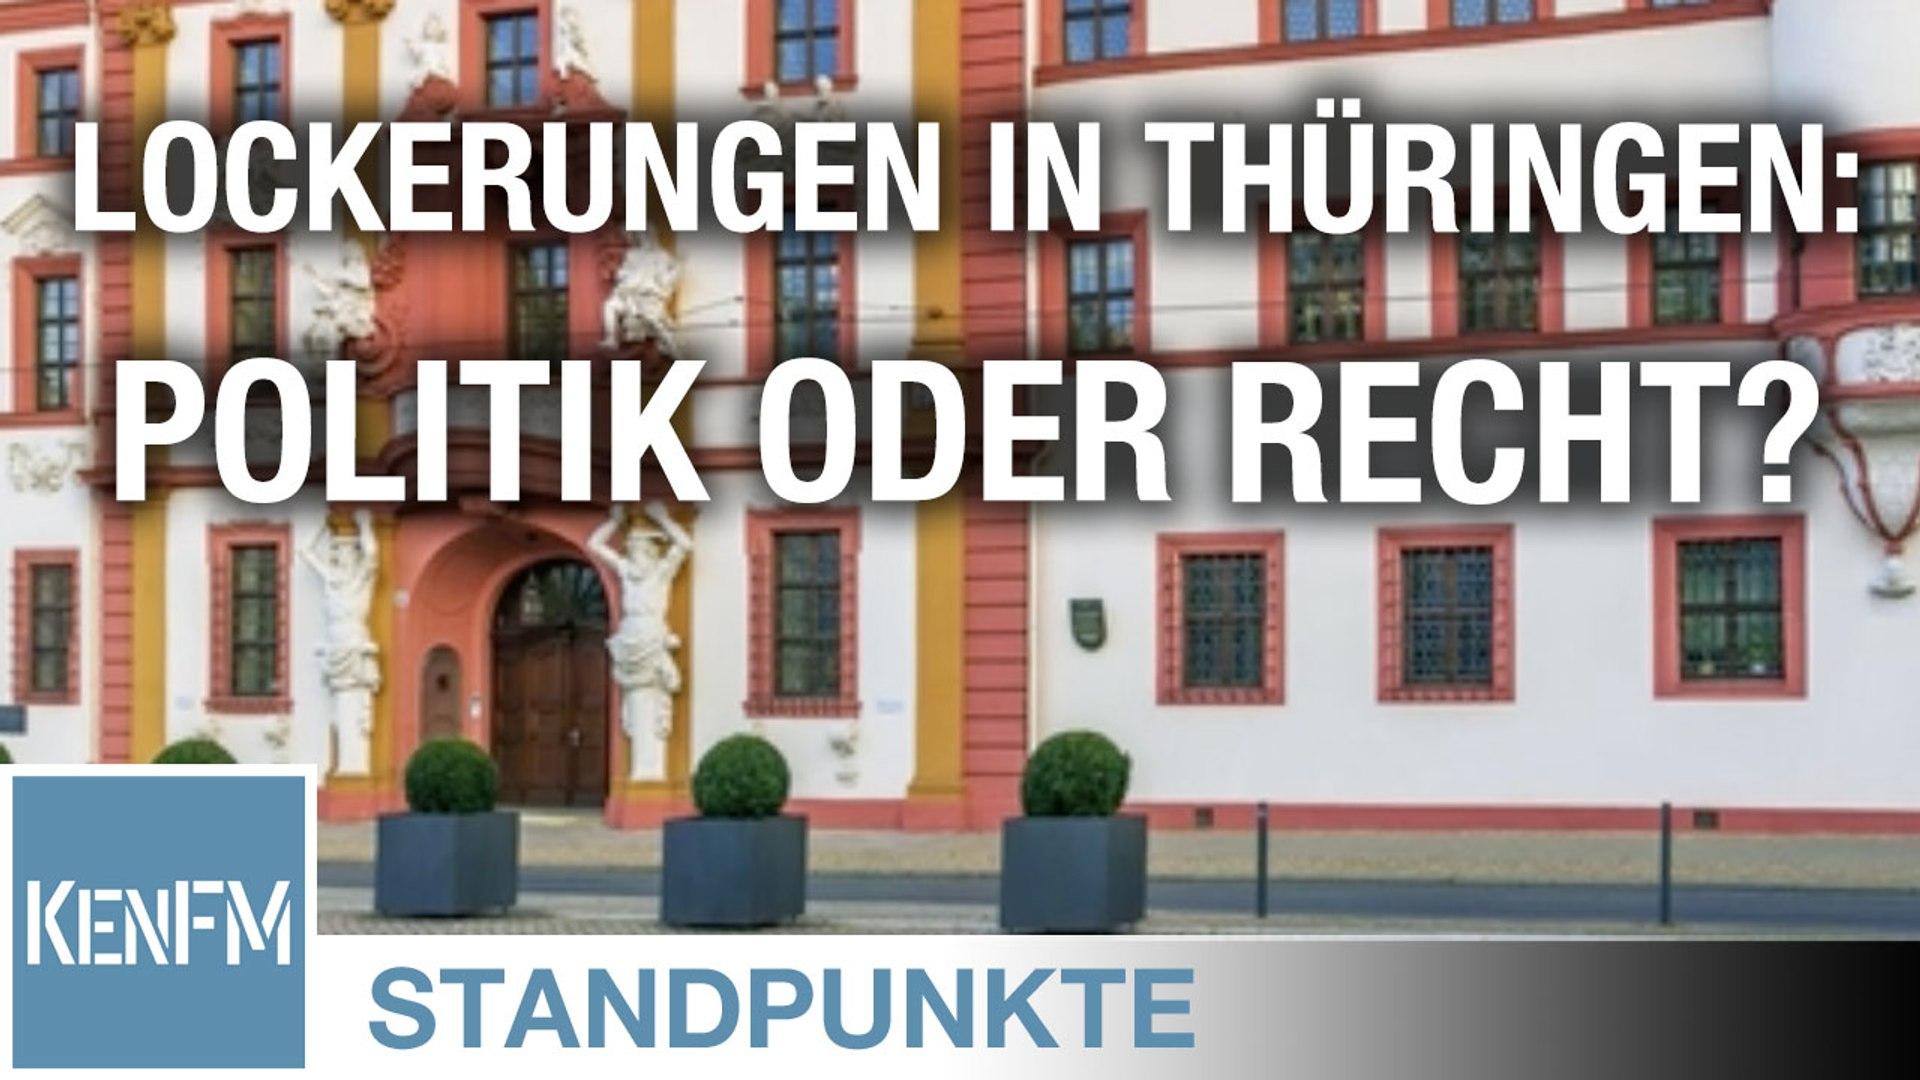 Lockerungen in Thüringen – Eine Frage der Politik oder des Rechts? • STANDPUNKTE